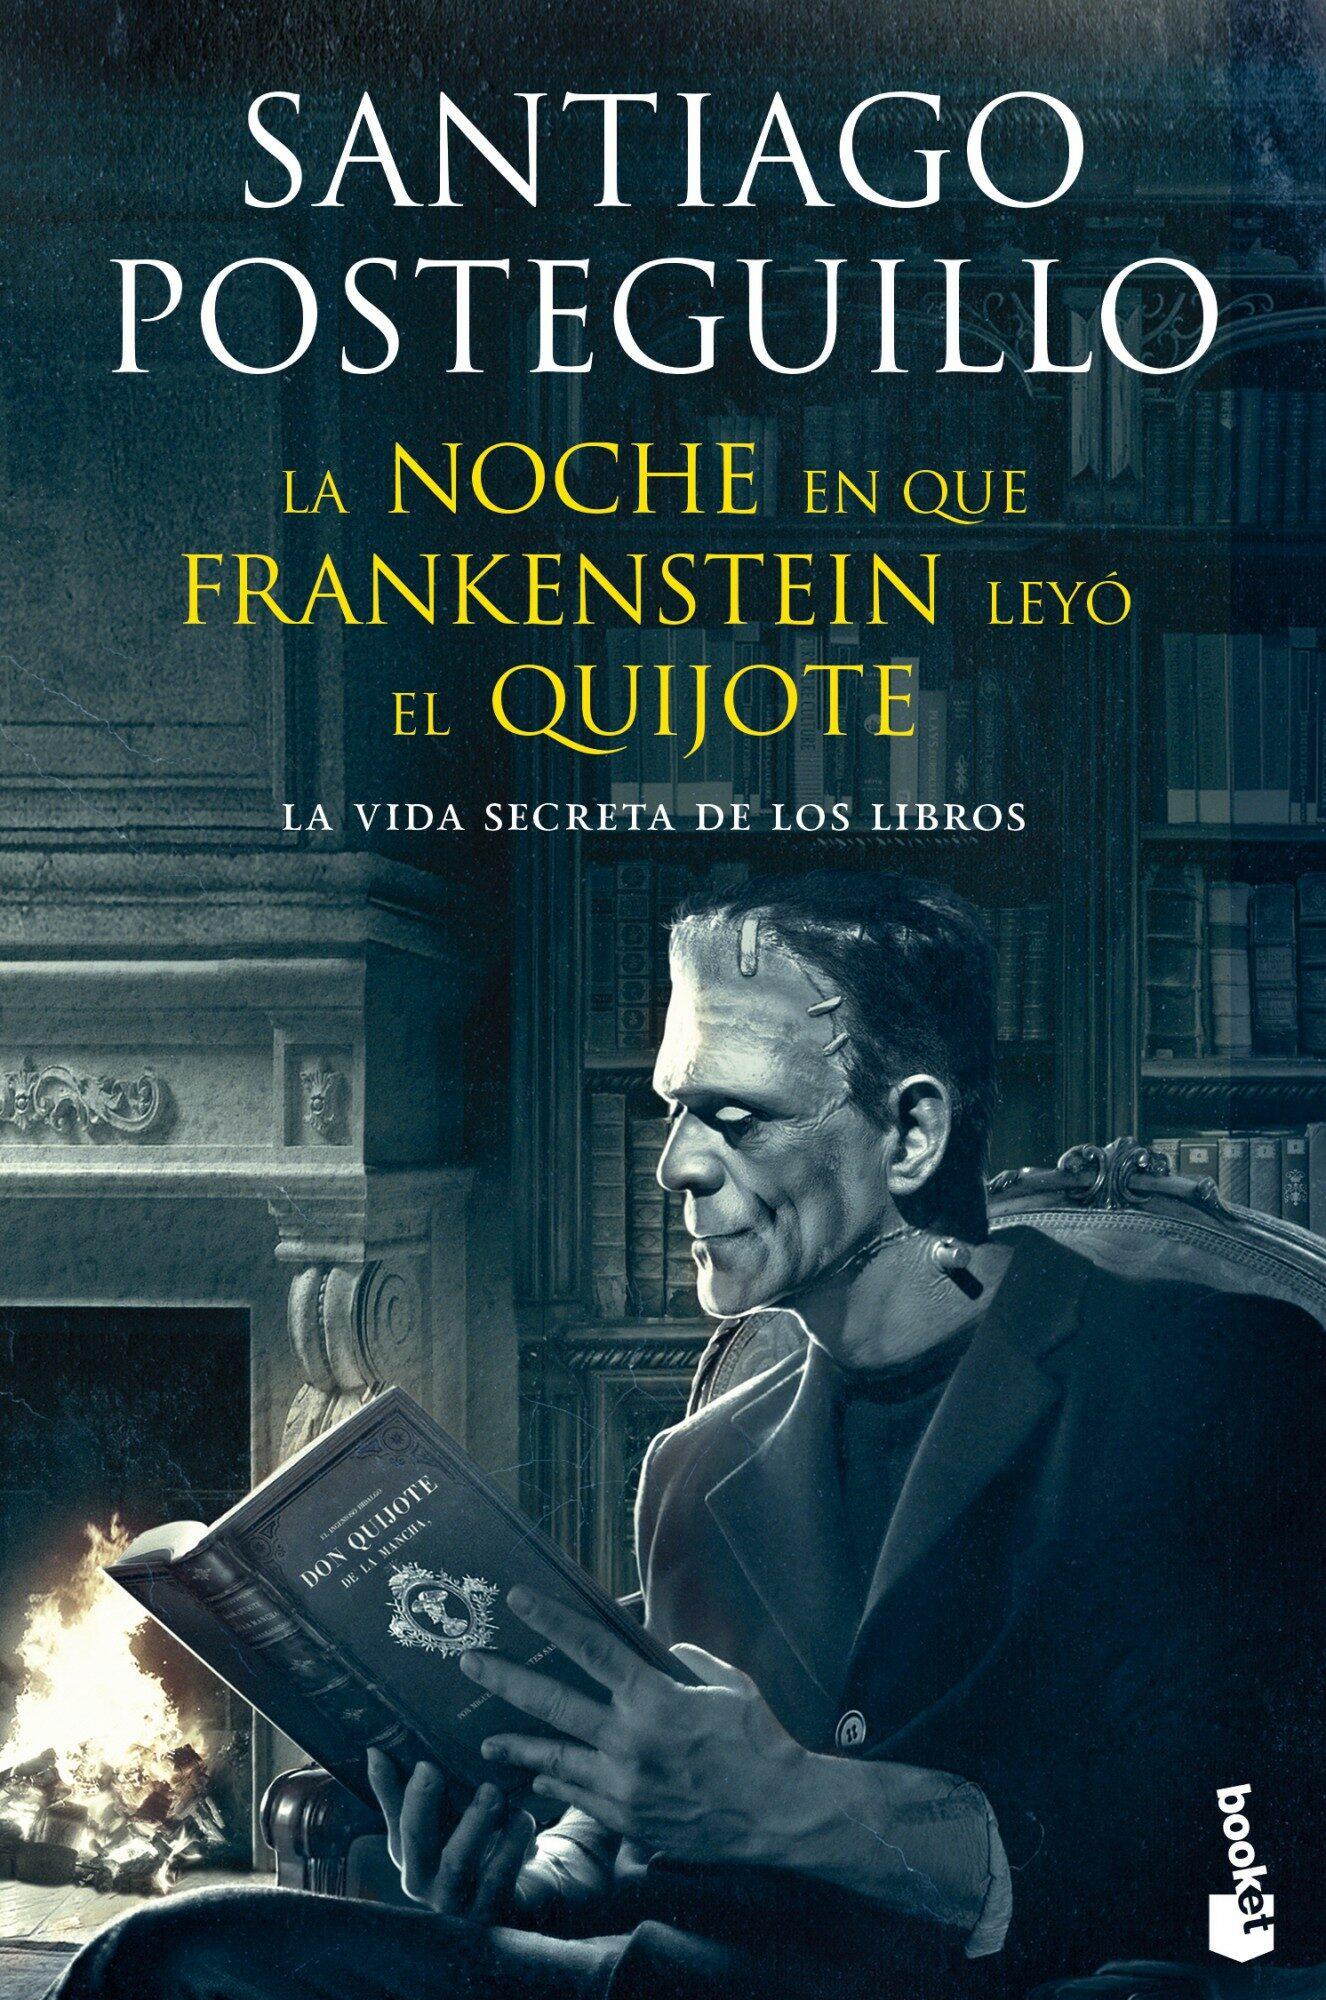 La Noche En Que Frankenstein Leyo El Quijote: La Vida Secreta De Los Libros por Santiago Posteguillo